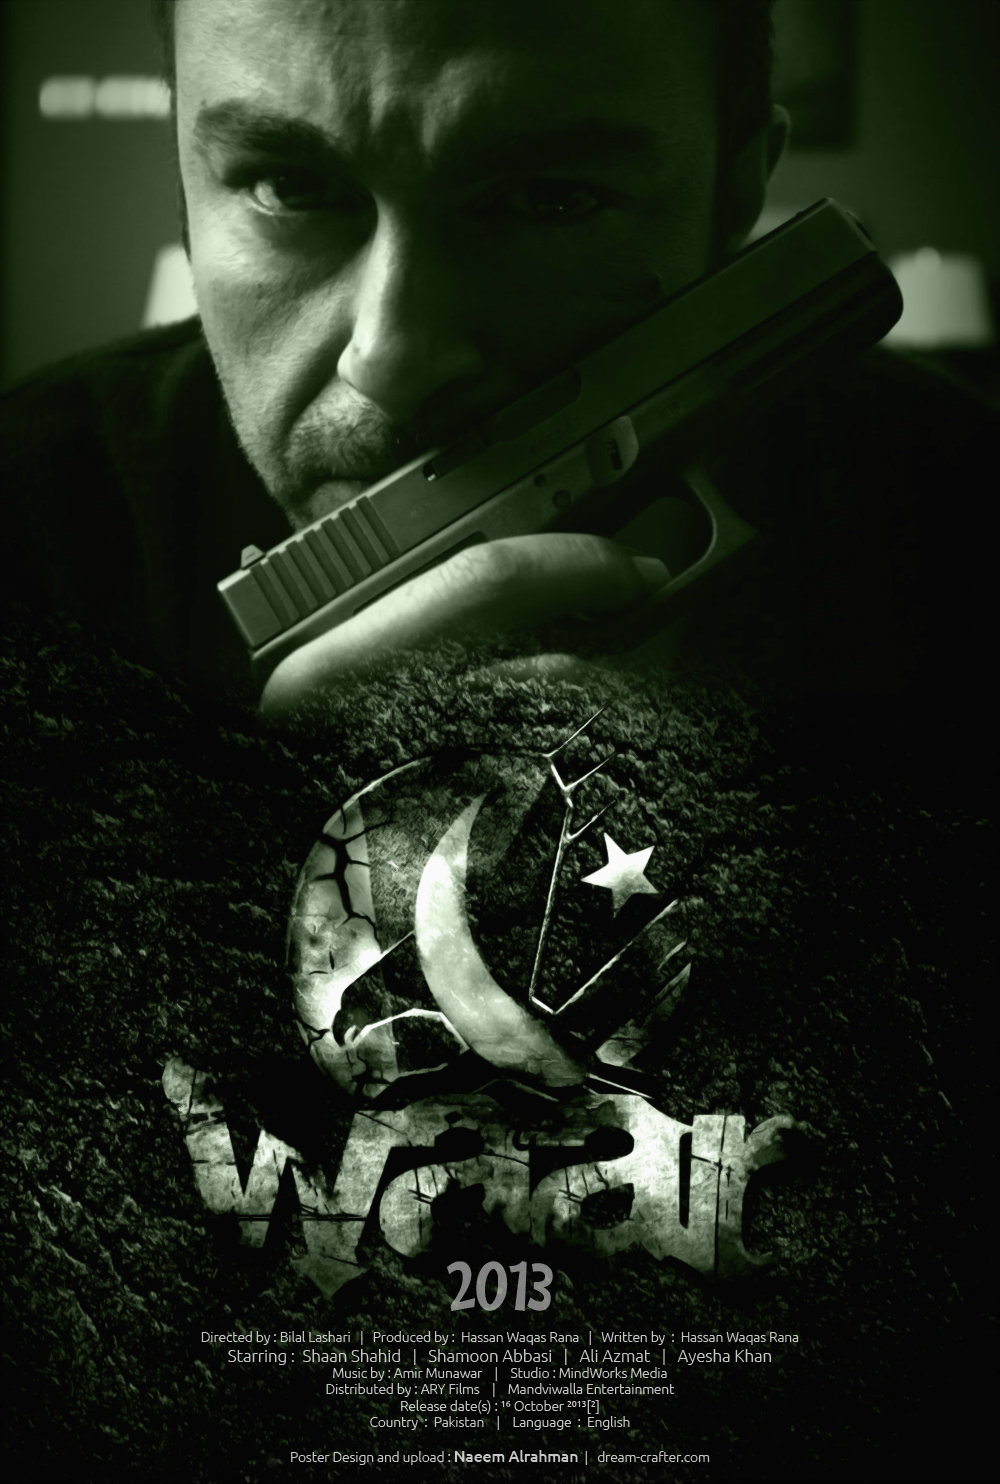 waar full movie pakistani 2013 hd